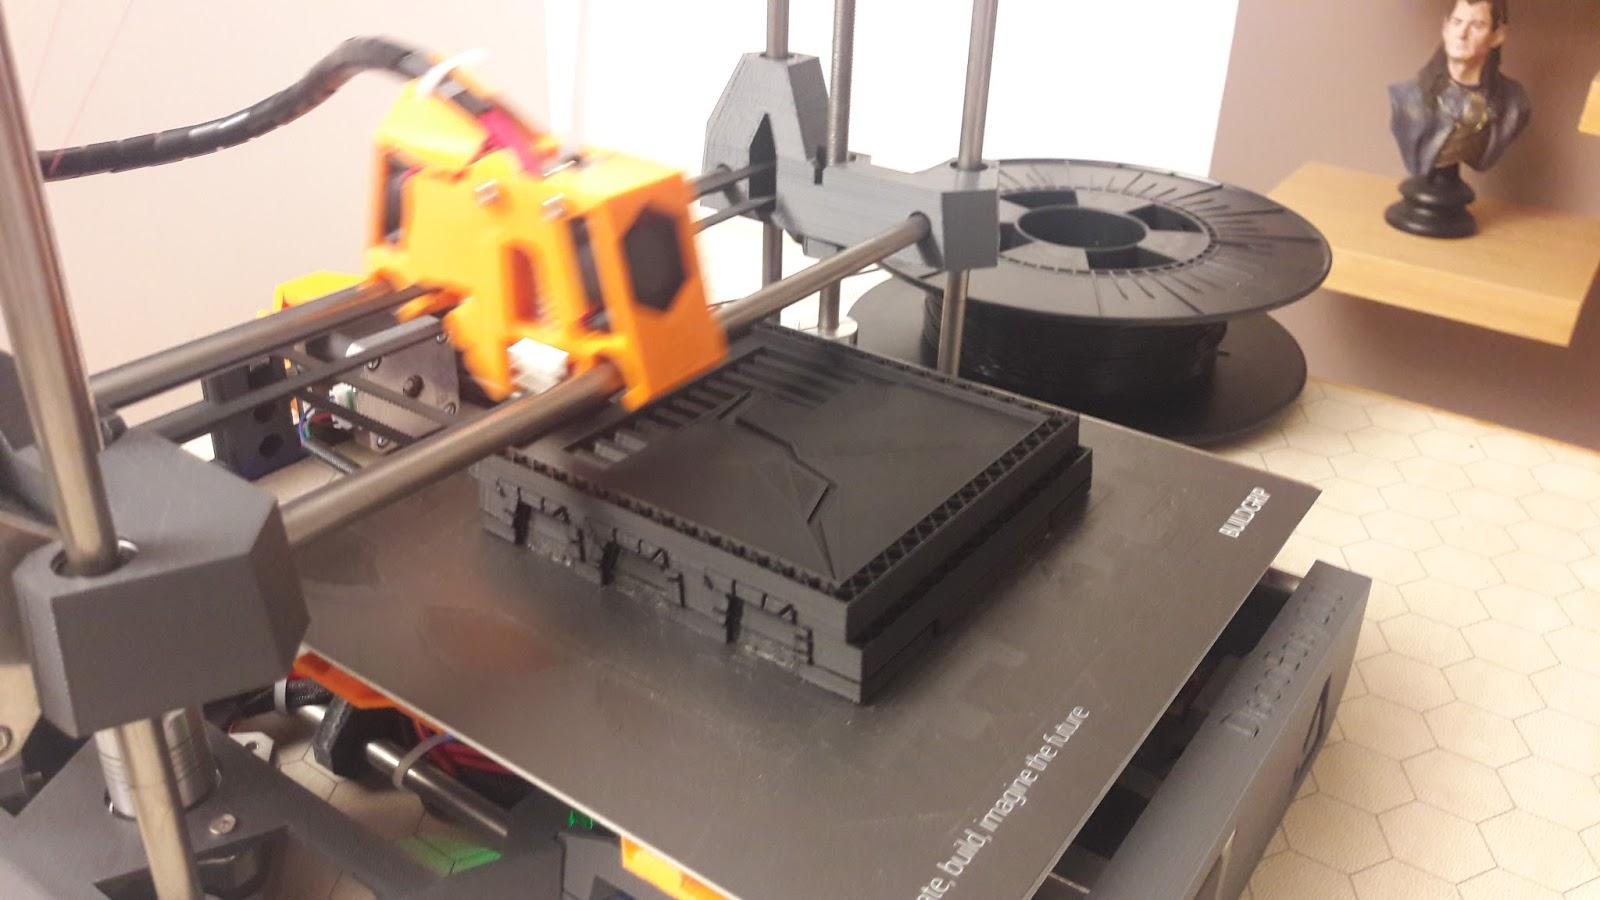 Jason le peintre imprimante 3d dagoma maison pour star for Imprimante 3d pour maison